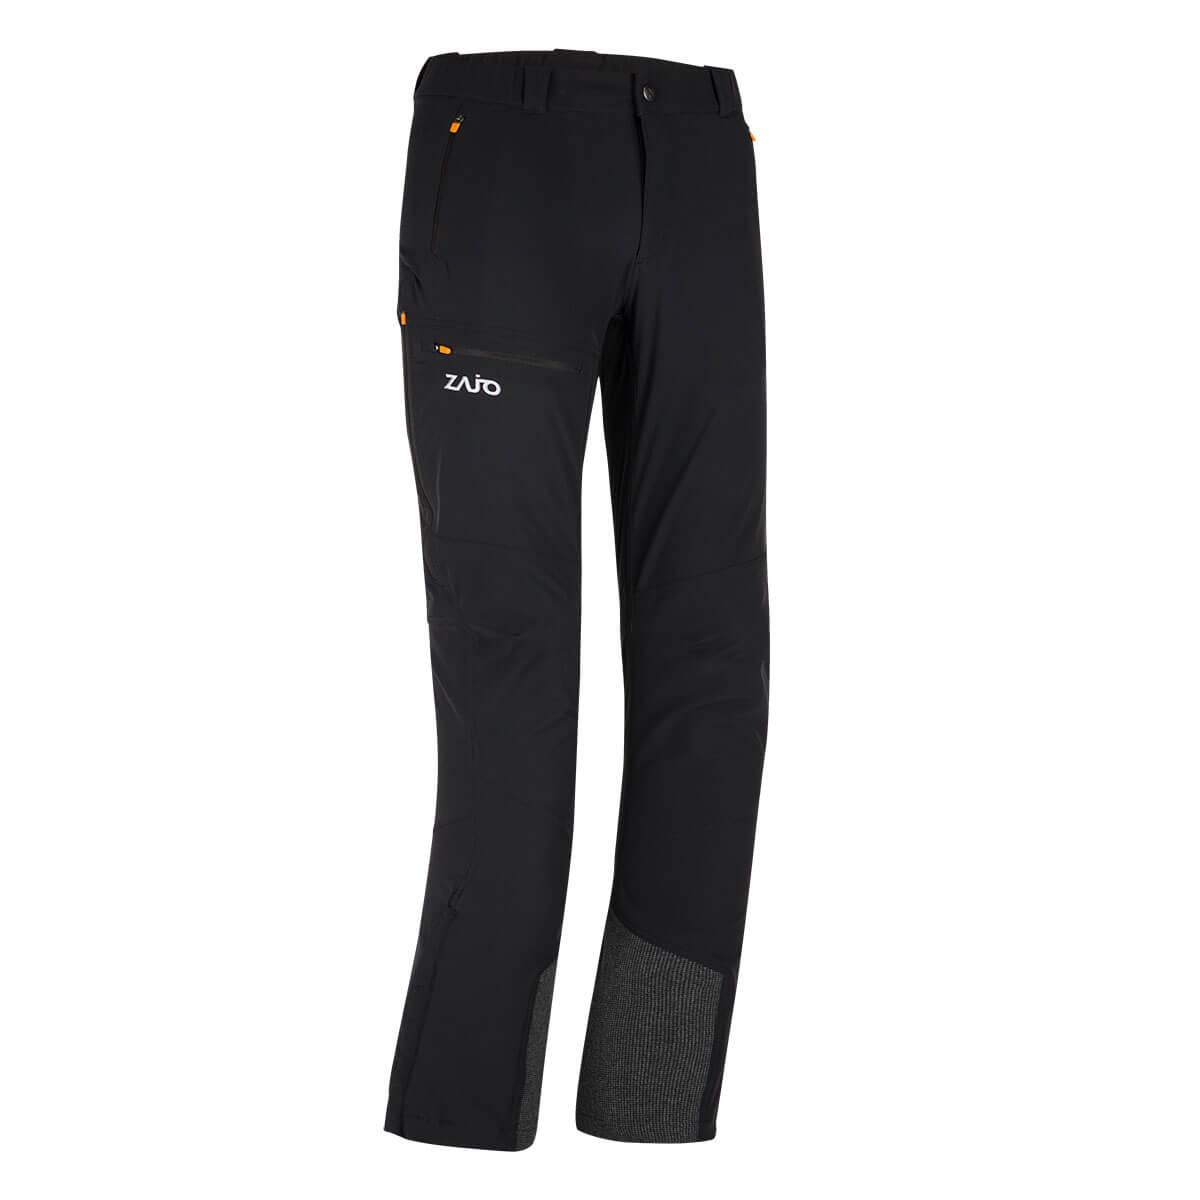 Nohavice Zajo Argon LT Neo Pants Black - veľkosť M